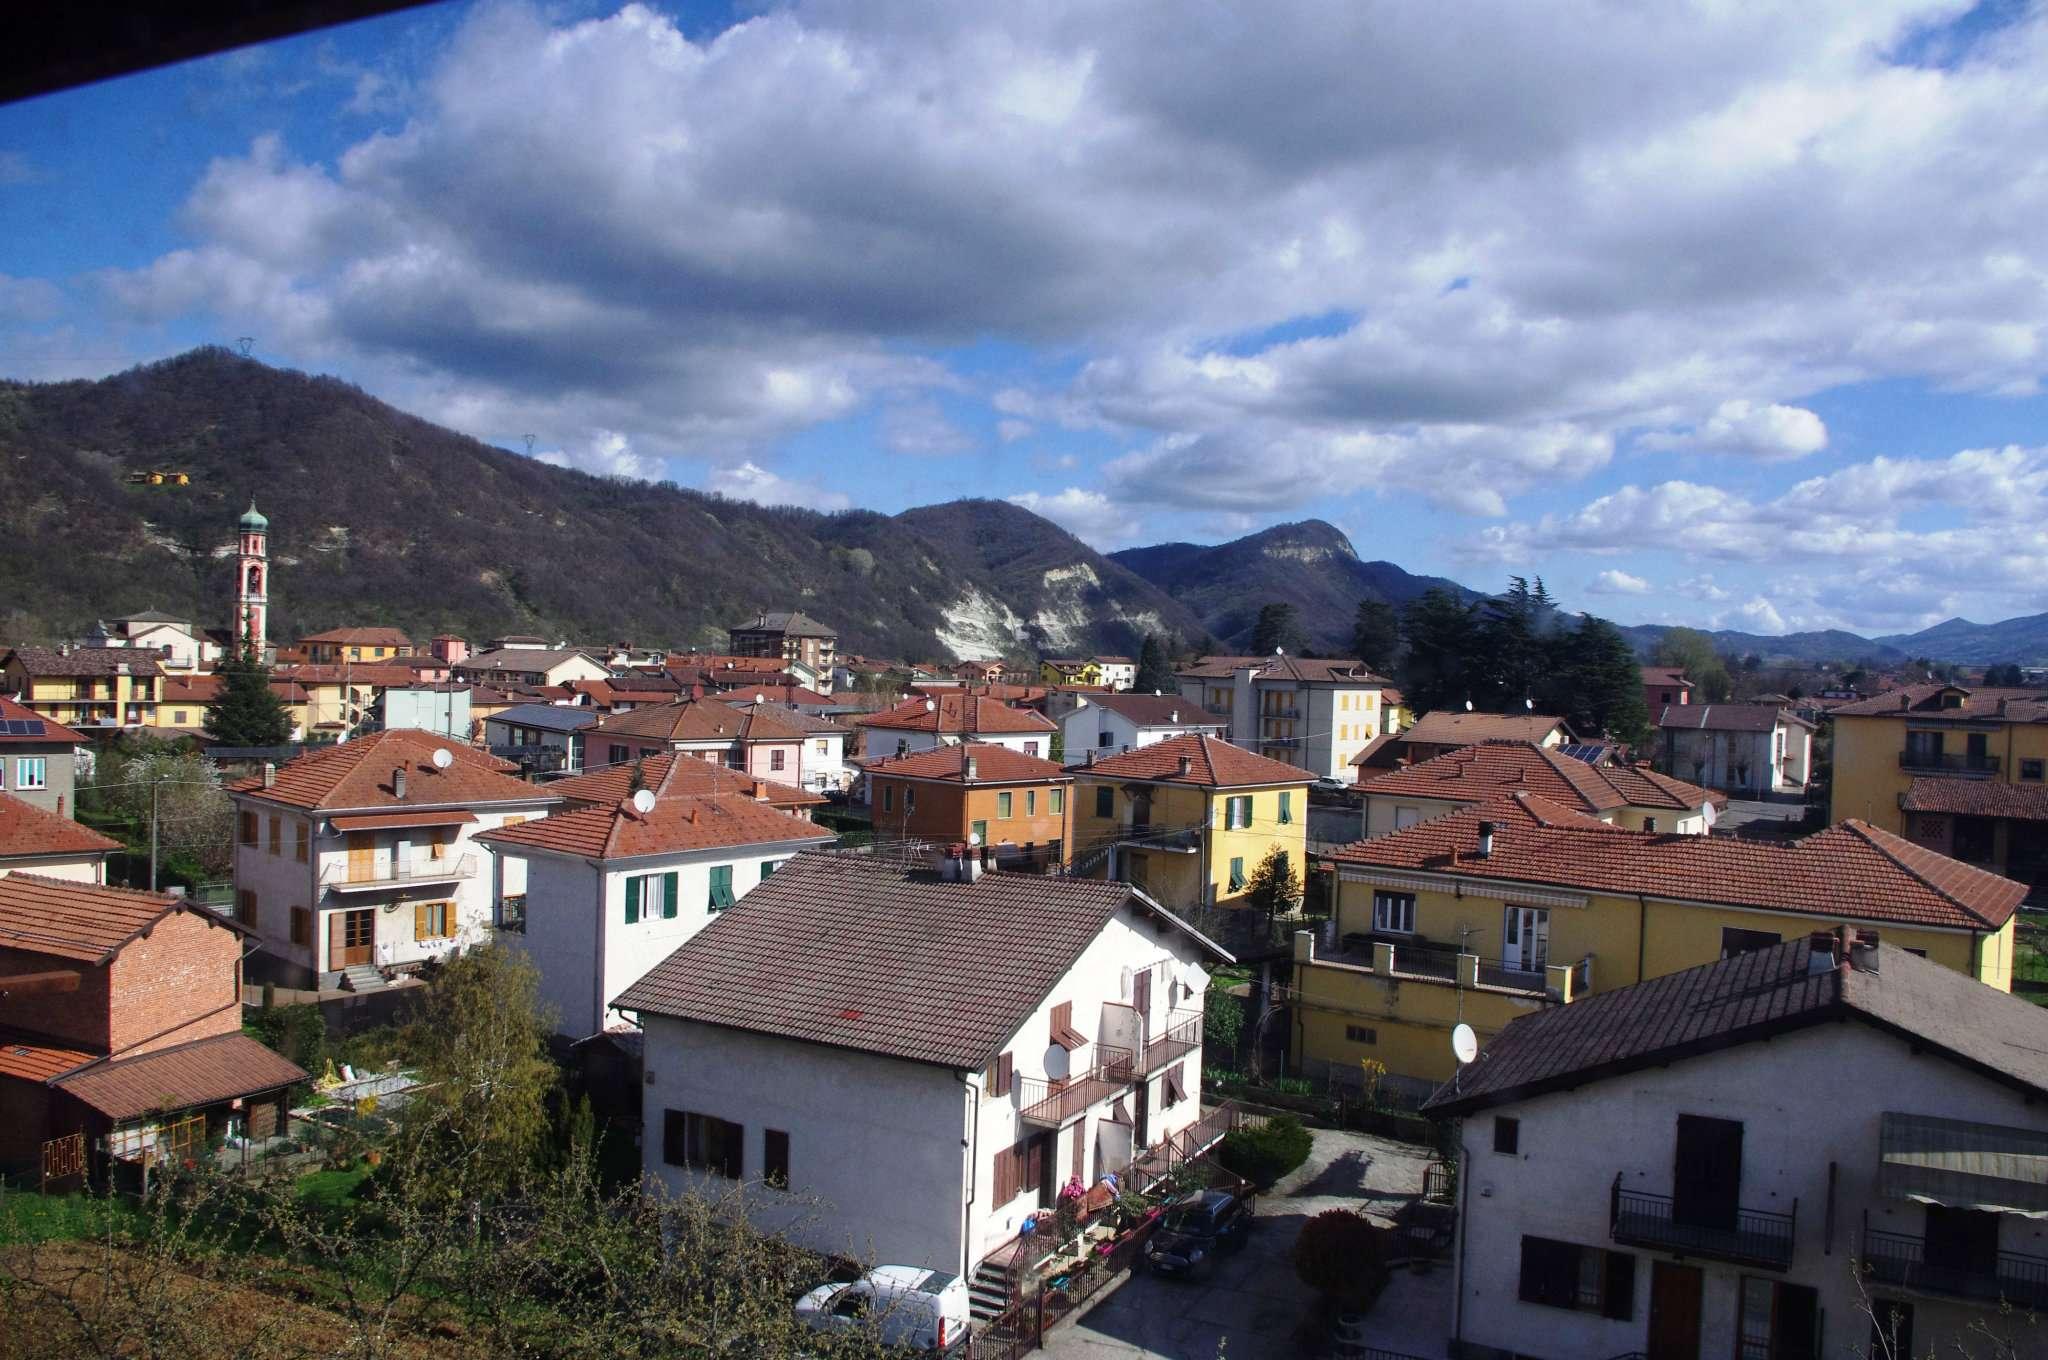 Appartamento in vendita a Vignole Borbera, 6 locali, prezzo € 109.000 | CambioCasa.it